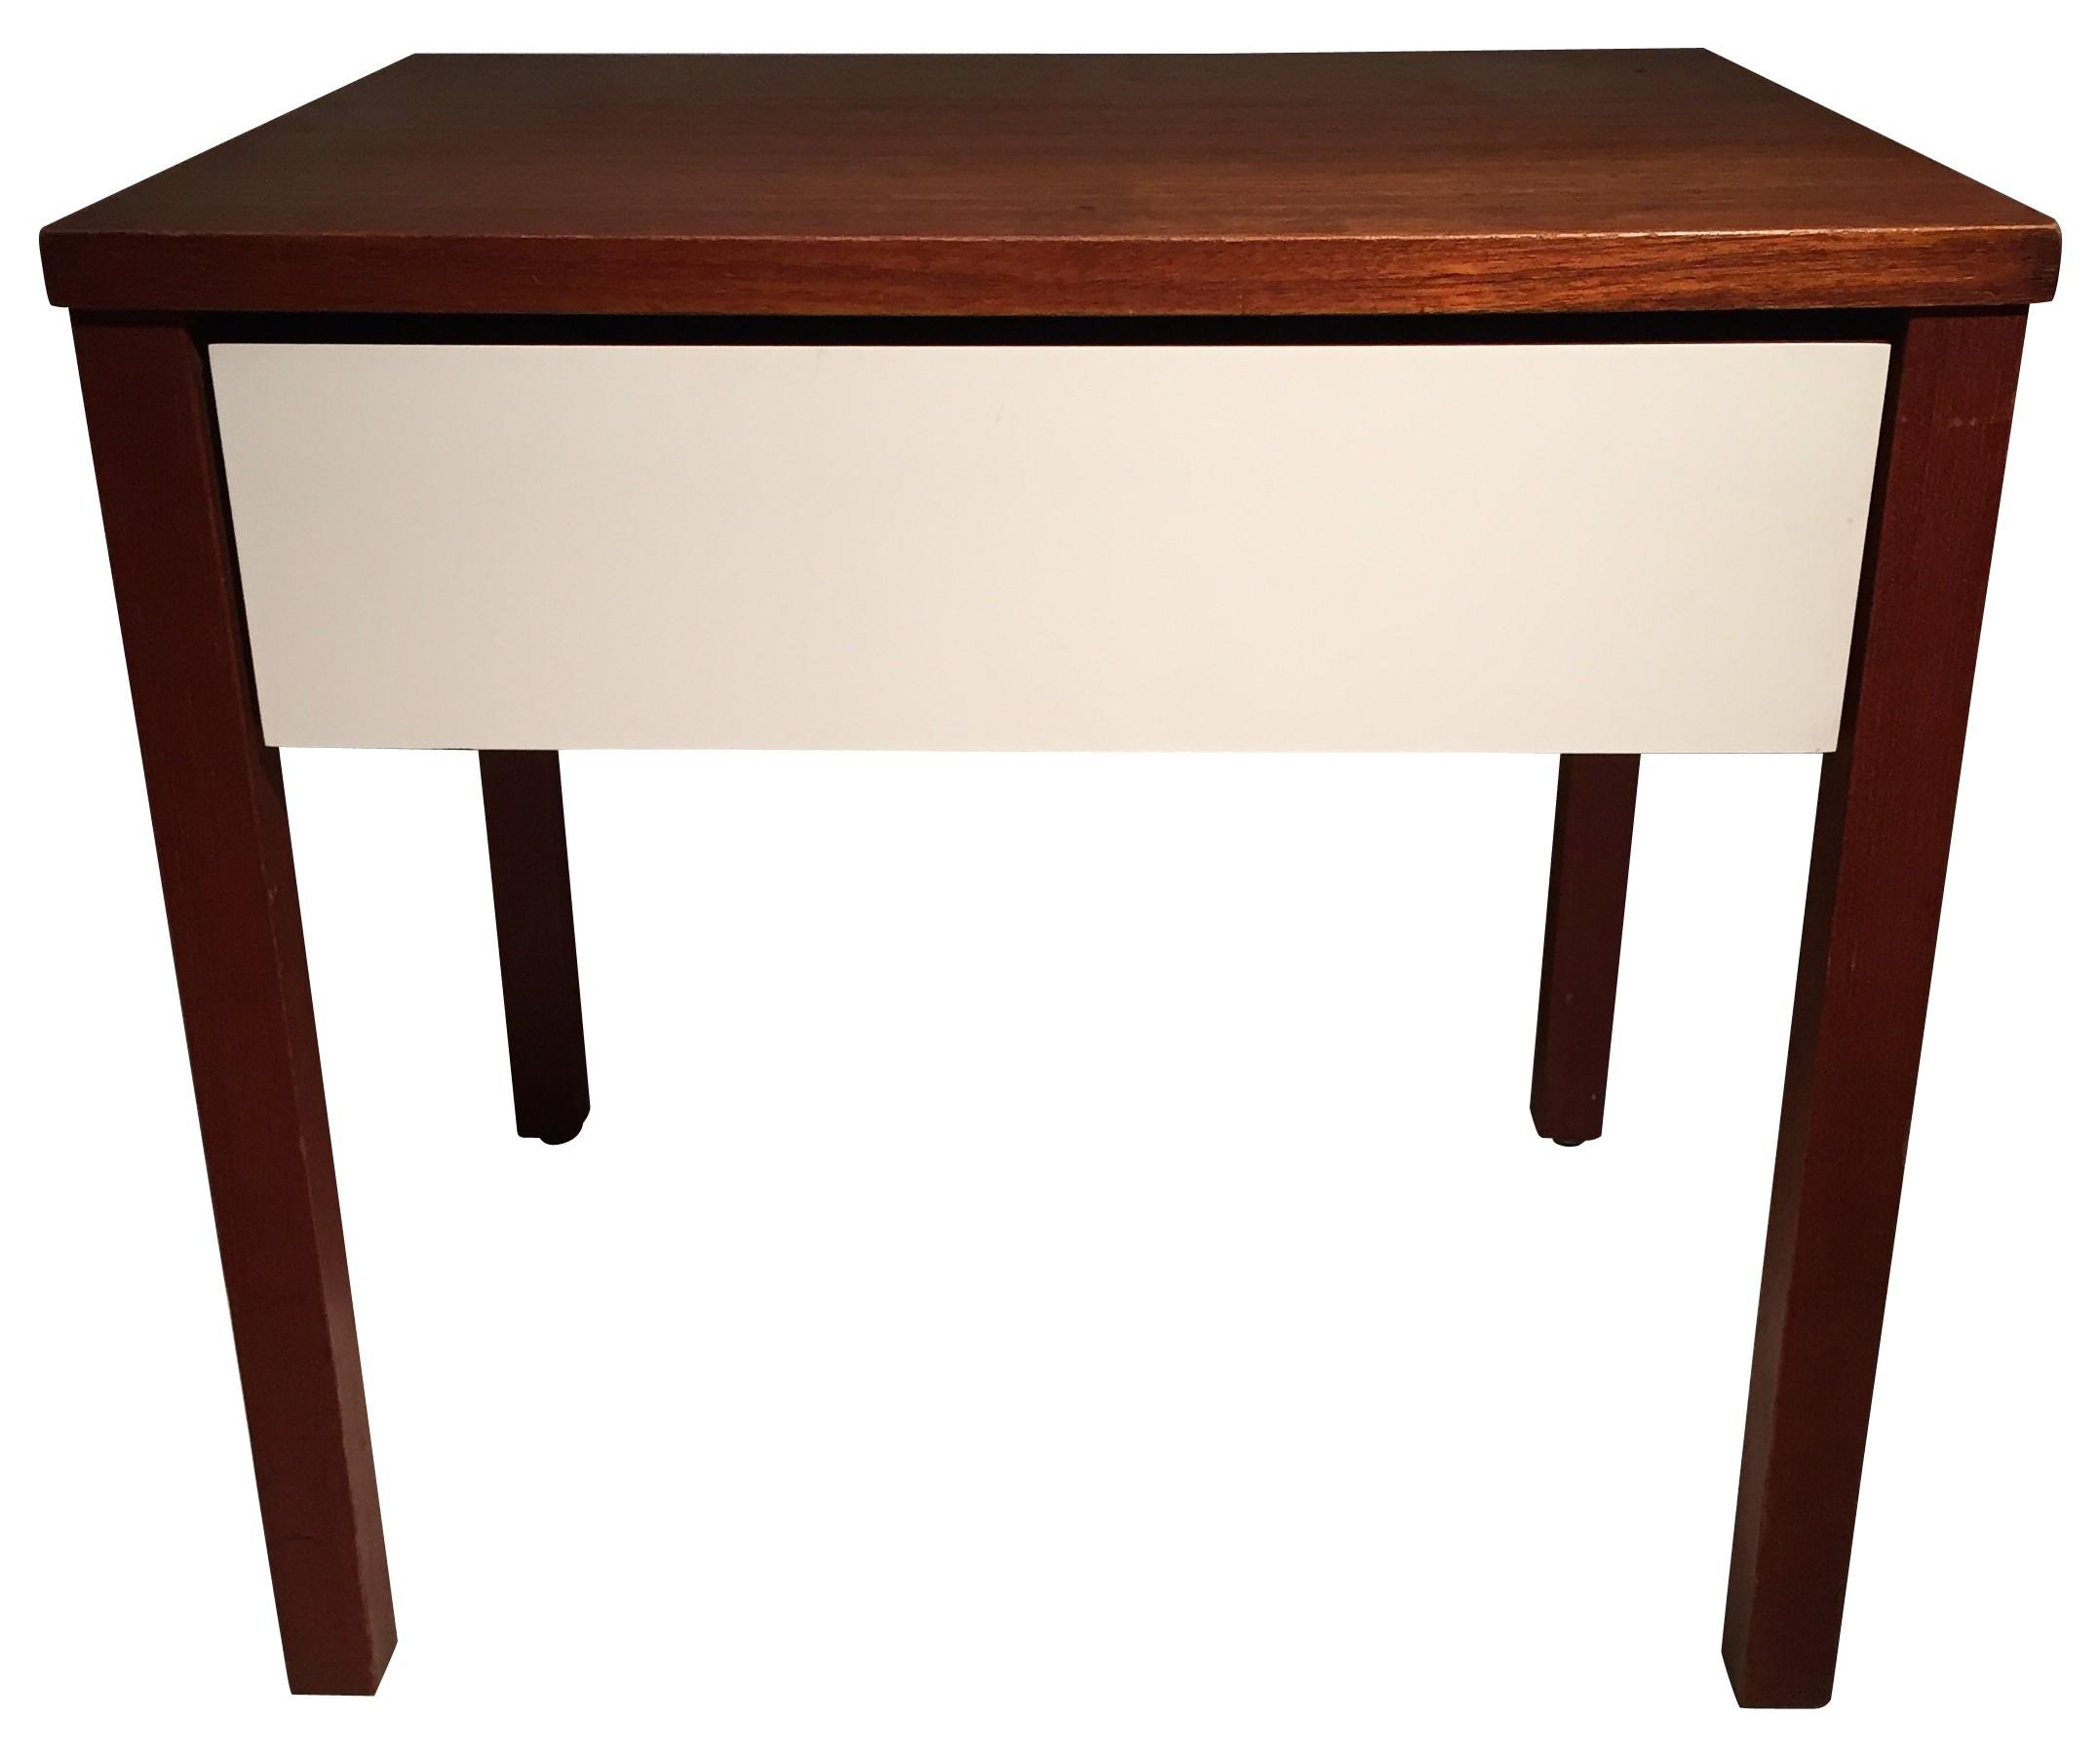 Vintage bedside table, Florence KNOLL - 1960s - Design Market